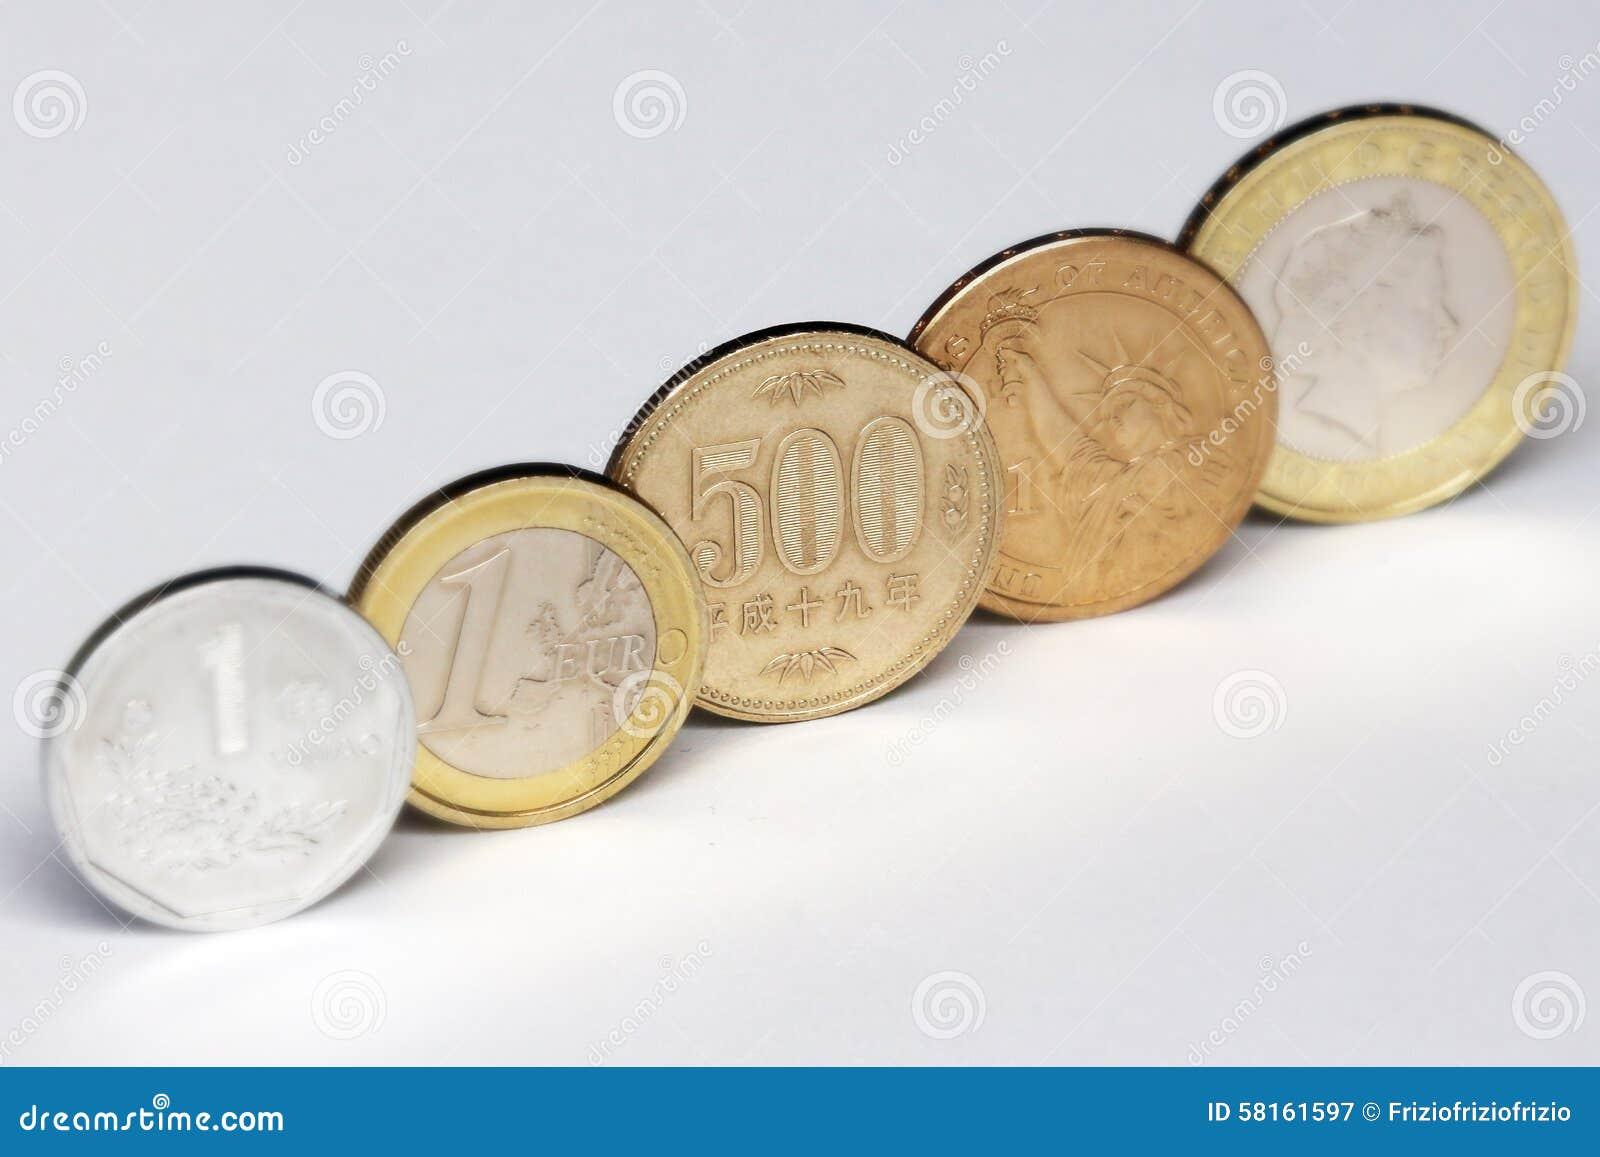 a0bfe46625 500 Yen, Valuta Della Moneta Del Giappone Ed Altre Monete Del Mondo ...